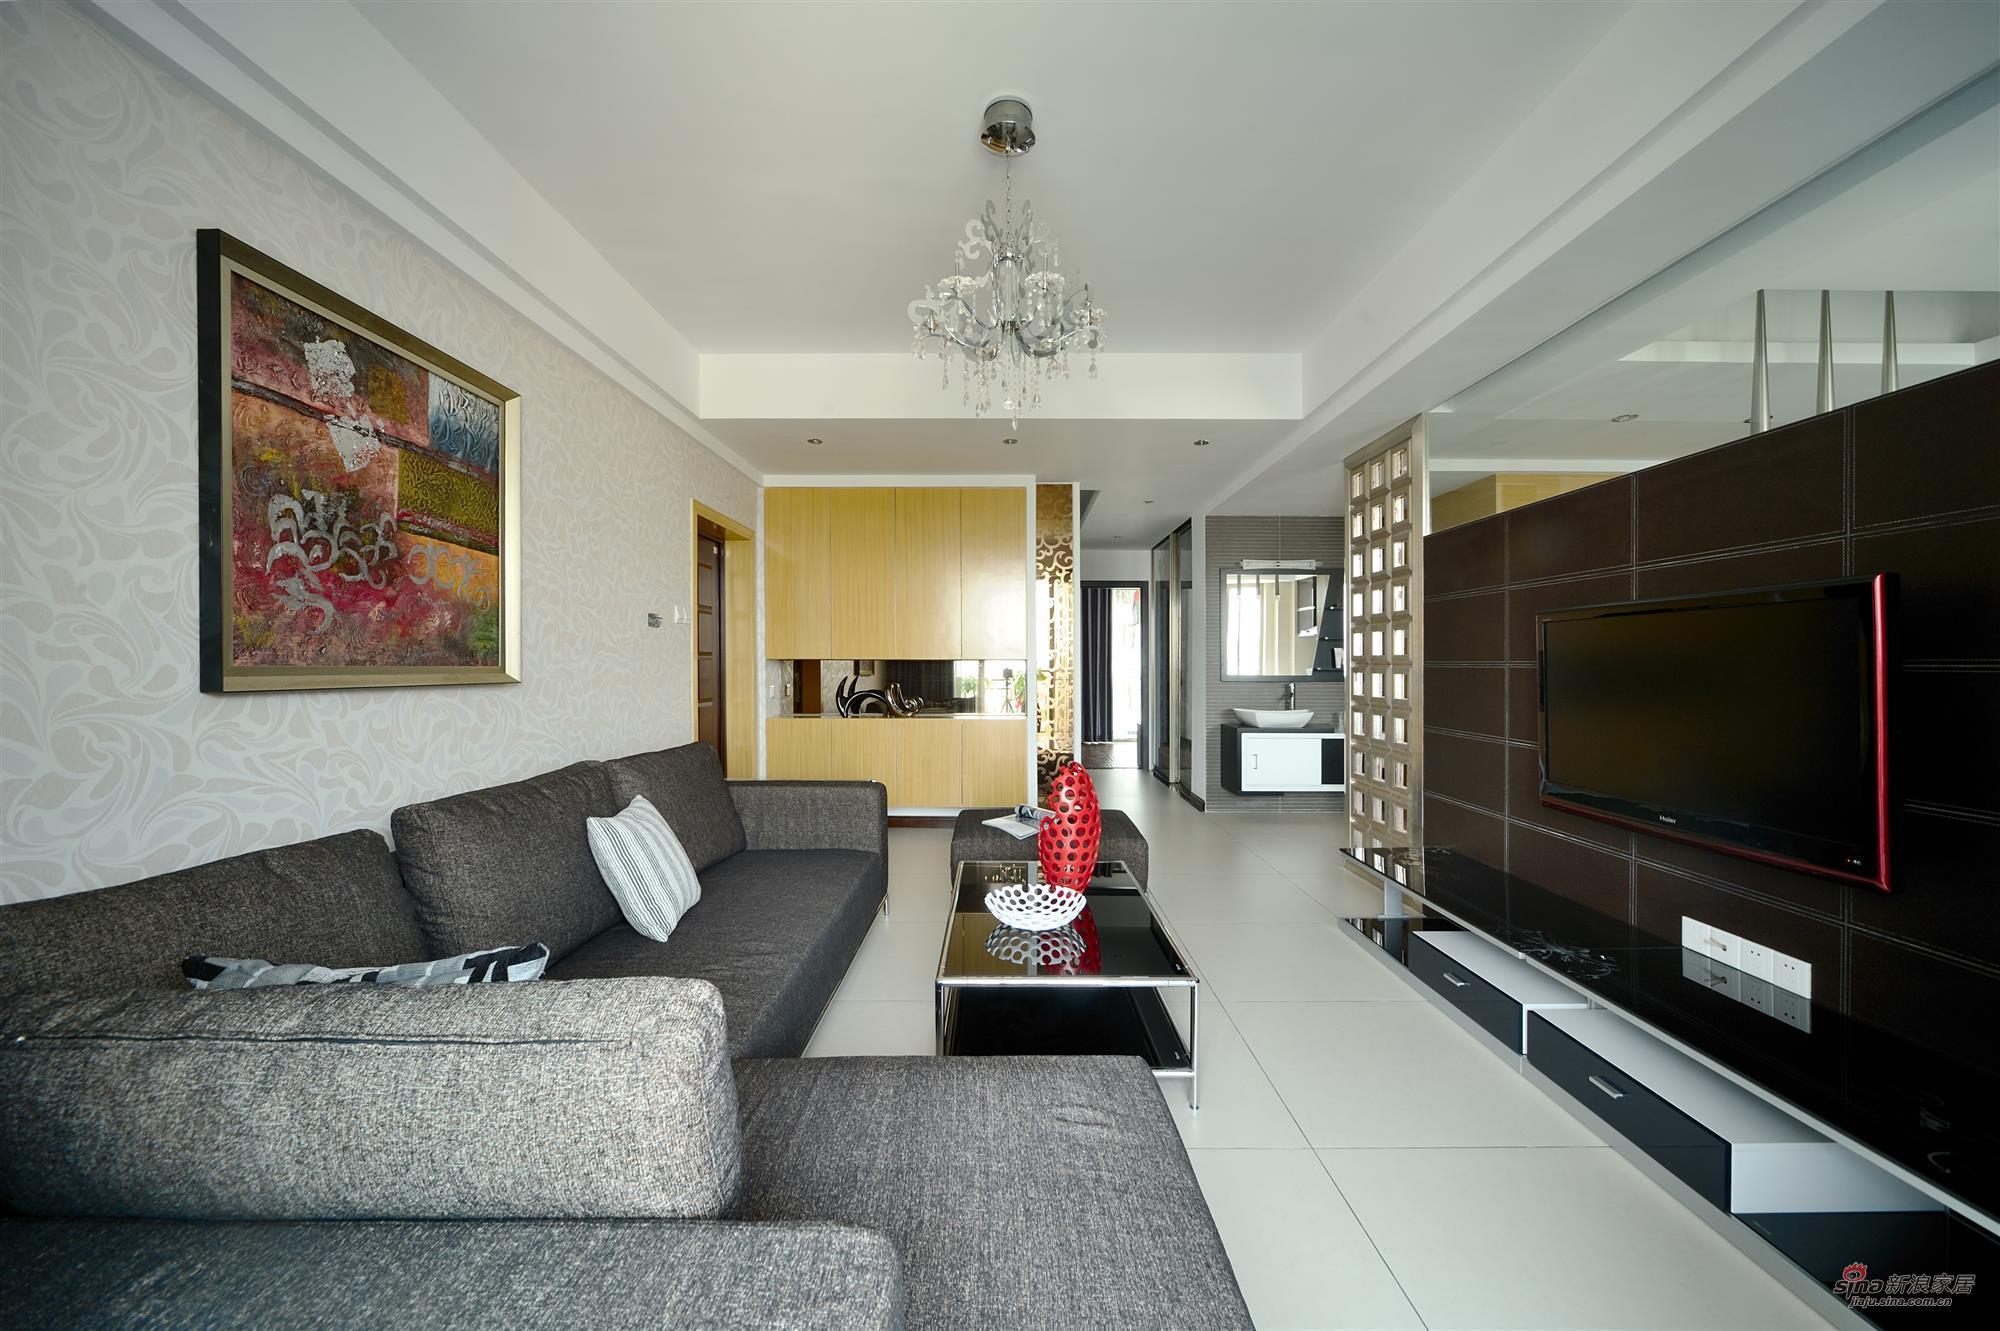 简约 四居 客厅图片来自用户2737759857在山语城(172平米)现代简约设计案例19的分享